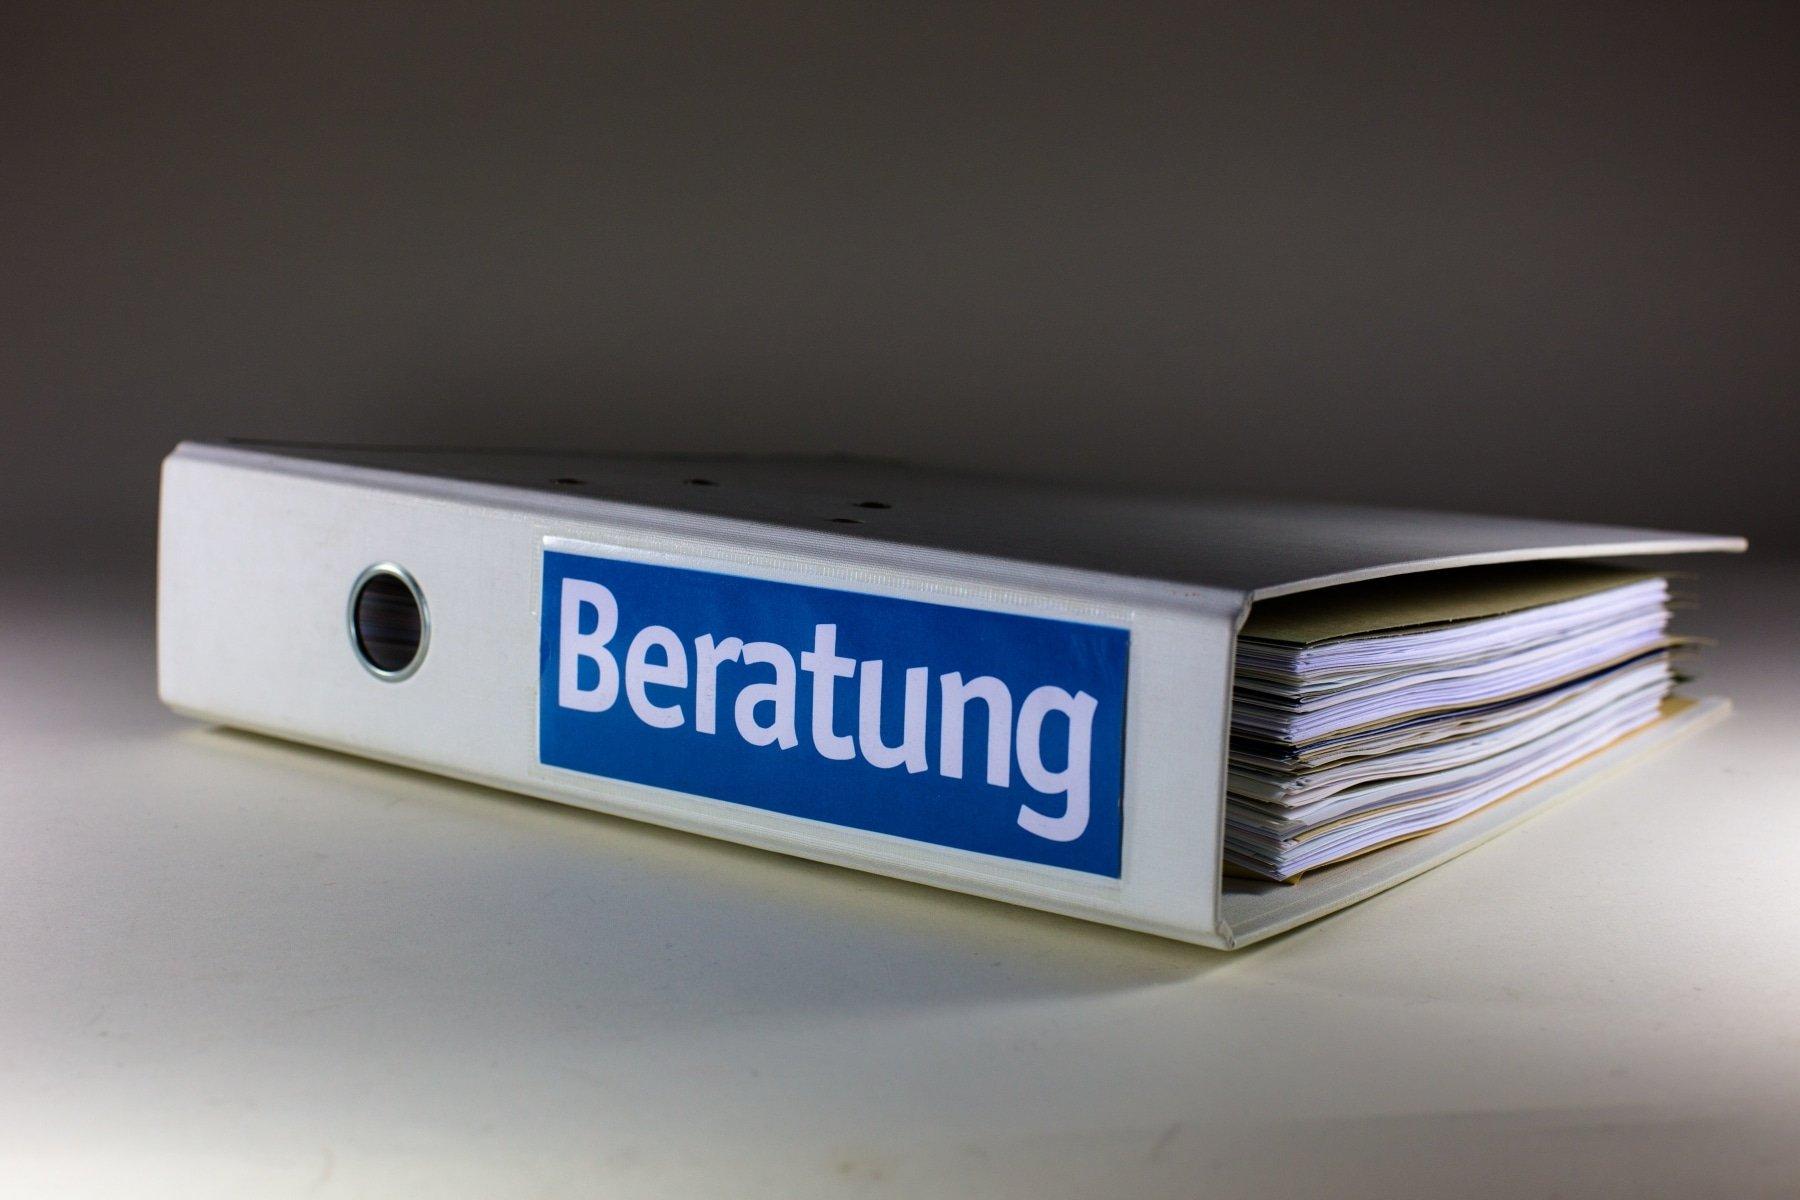 Inzidenzwert und Hygienemaßnahmen erlauben wieder eine persönliche Beratung. (Symbolfoto: Rainer Sturm  / pixelio.de)